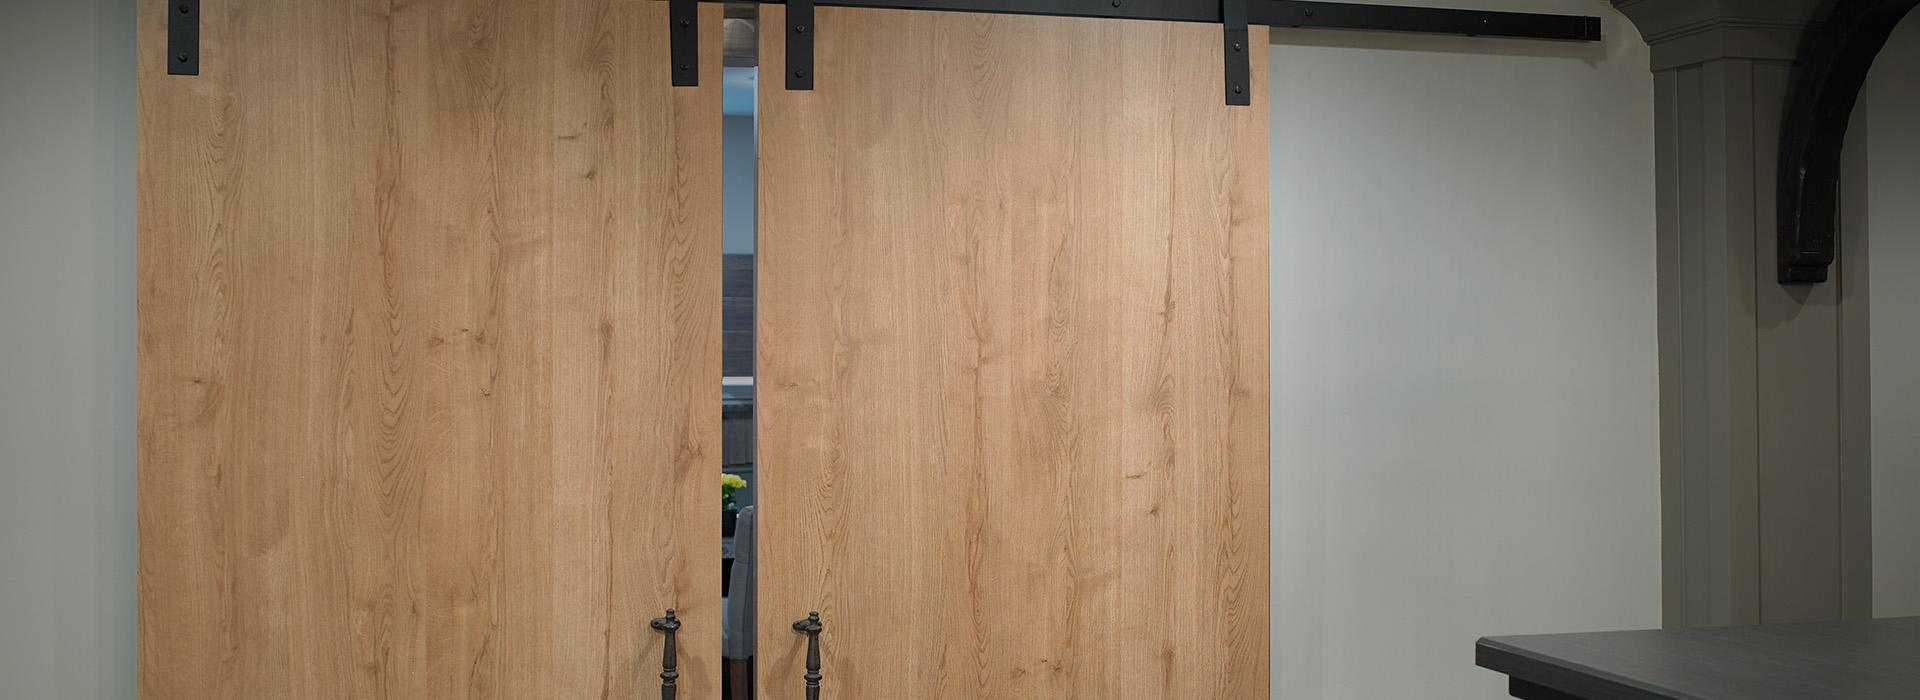 Portes en Stratifié de marque Formica® Planche de Chêne Style Urbain